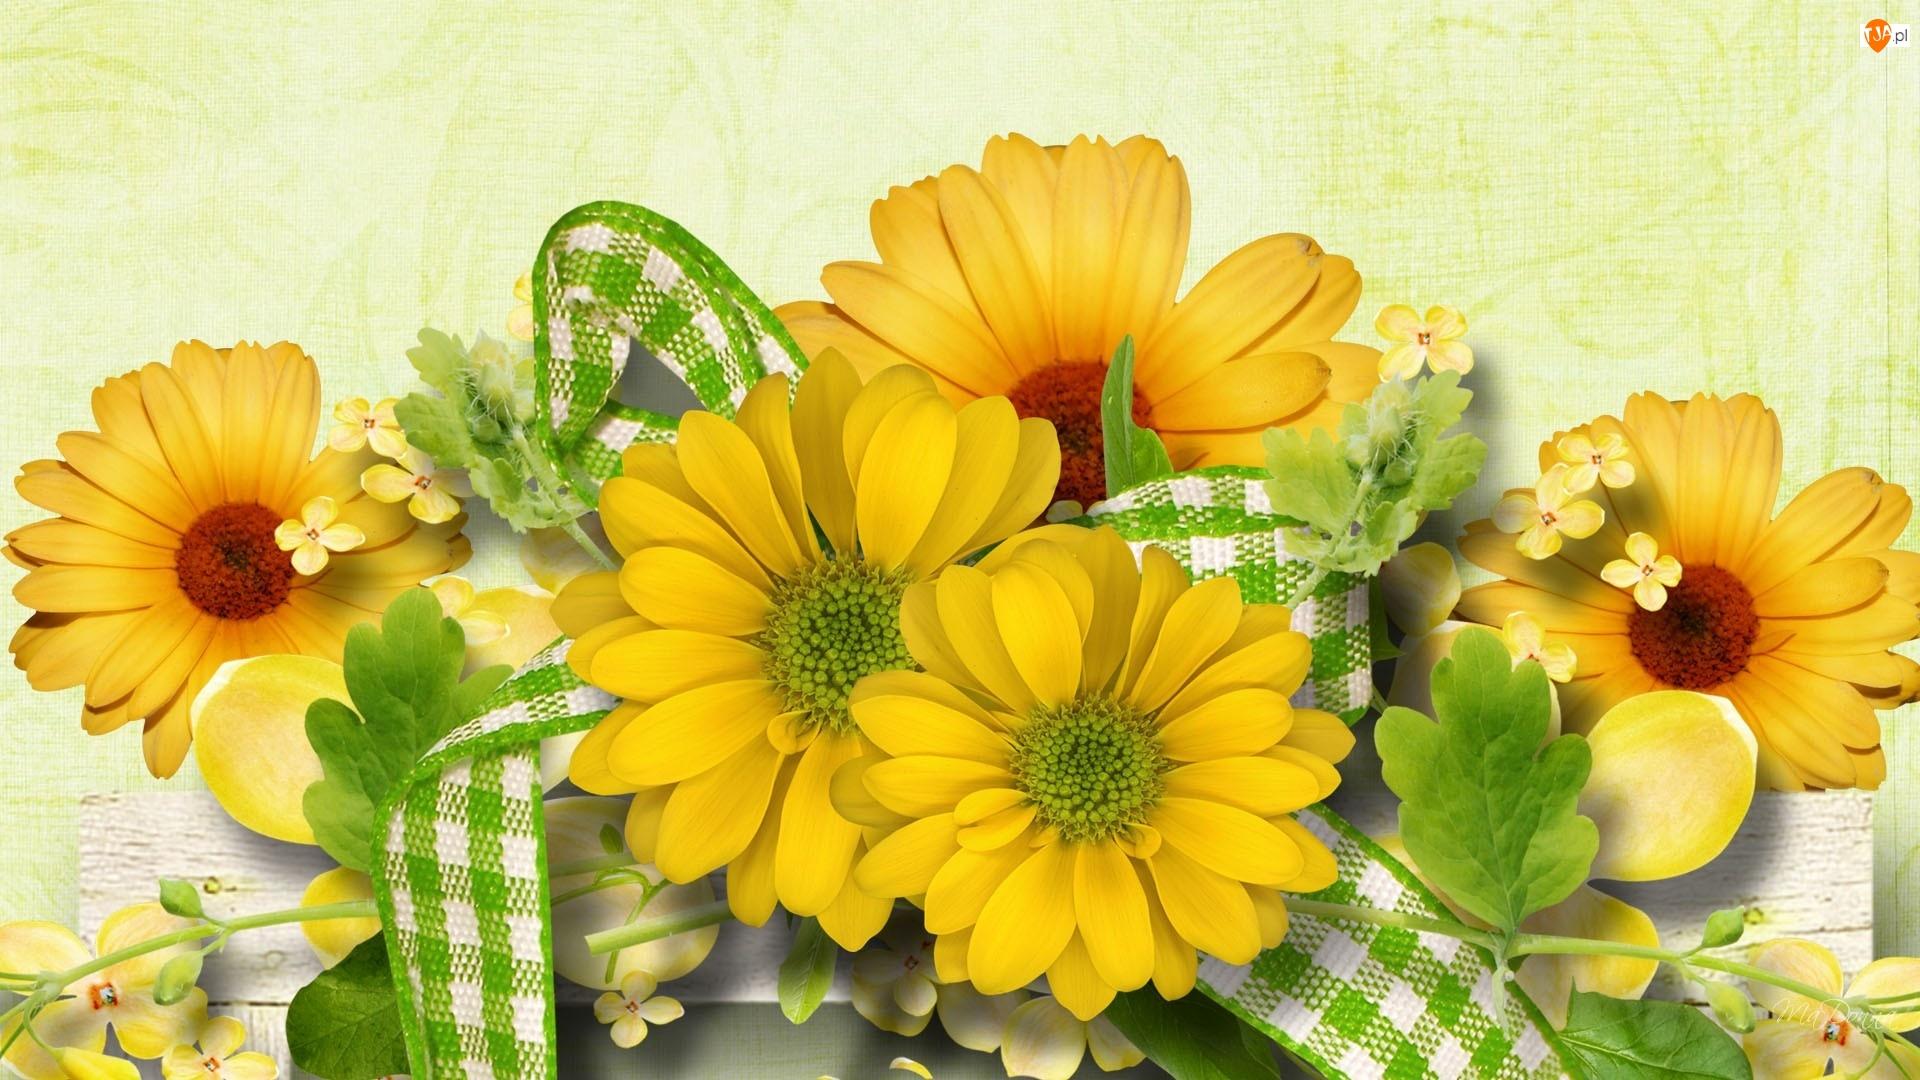 Wstążka, Żółte, Zielono, Margerytki, Biała